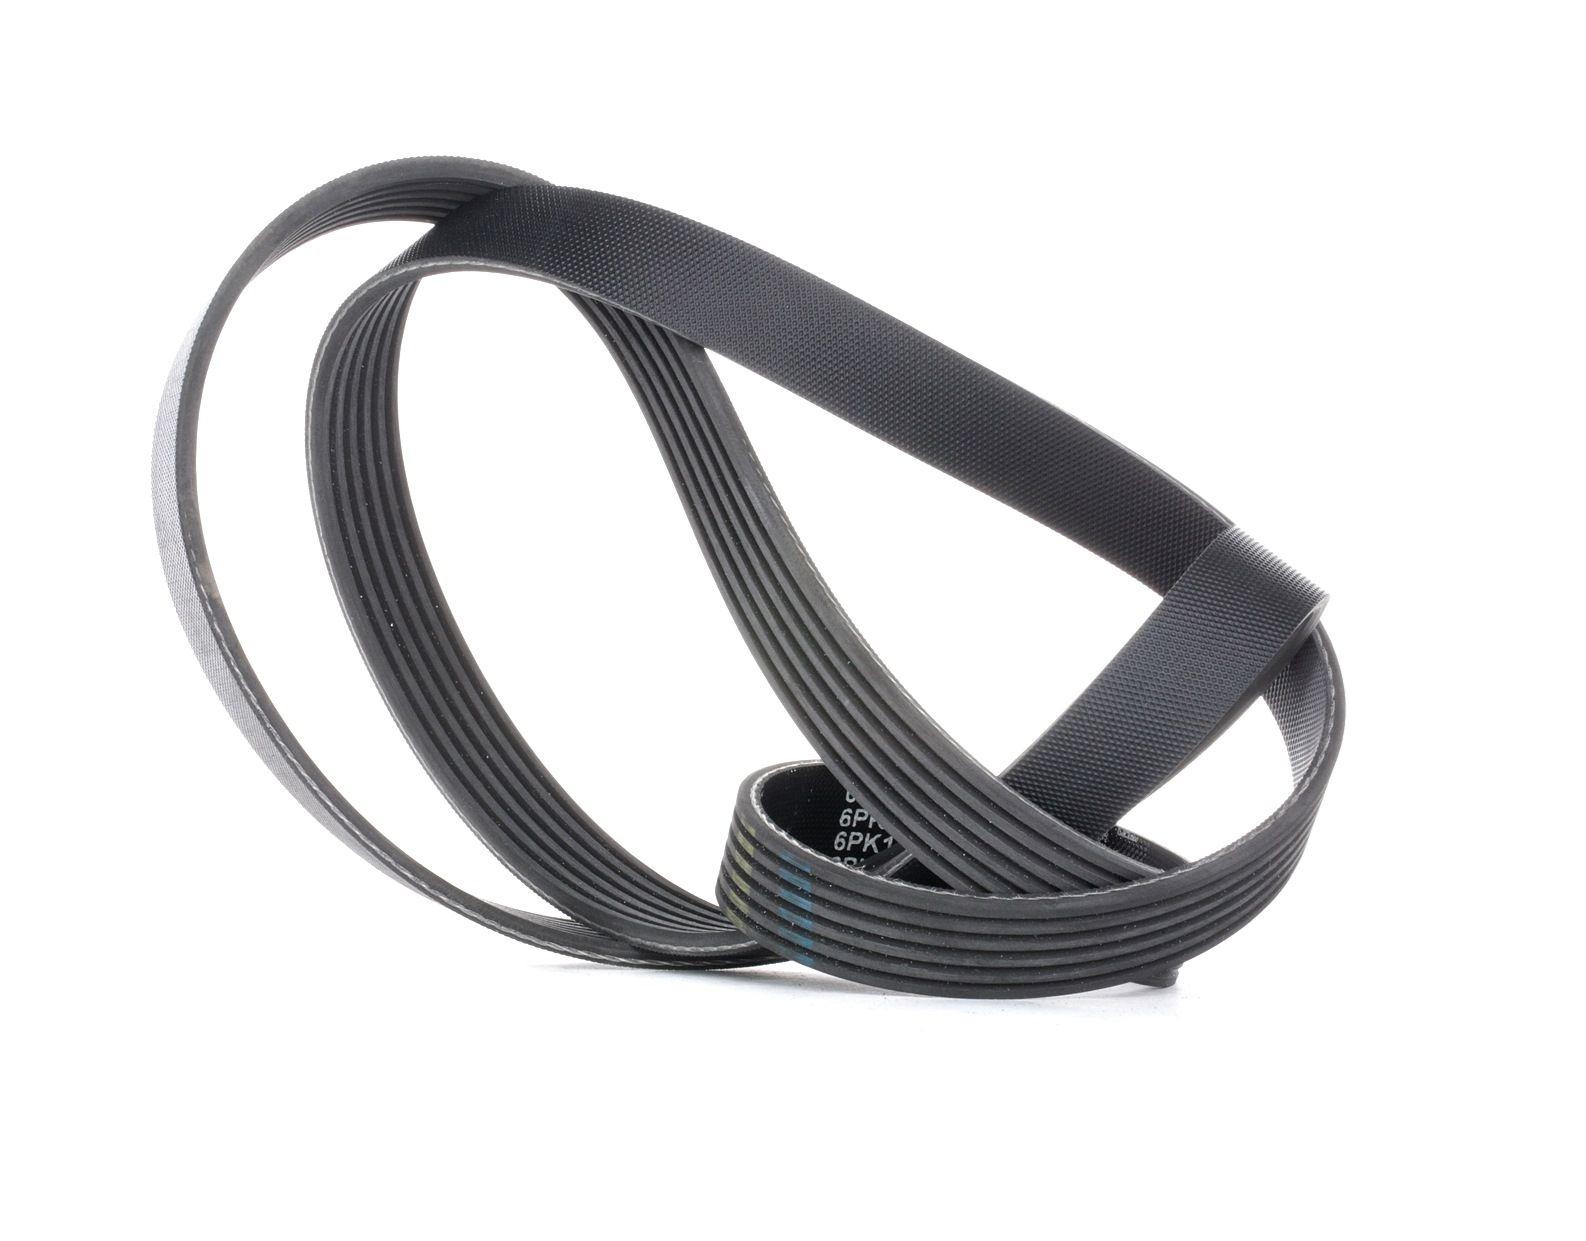 865310318 GATES Micro-V® Rippenanzahl: 6, Länge: 1453mm Keilrippenriemen 6PK1453 günstig kaufen